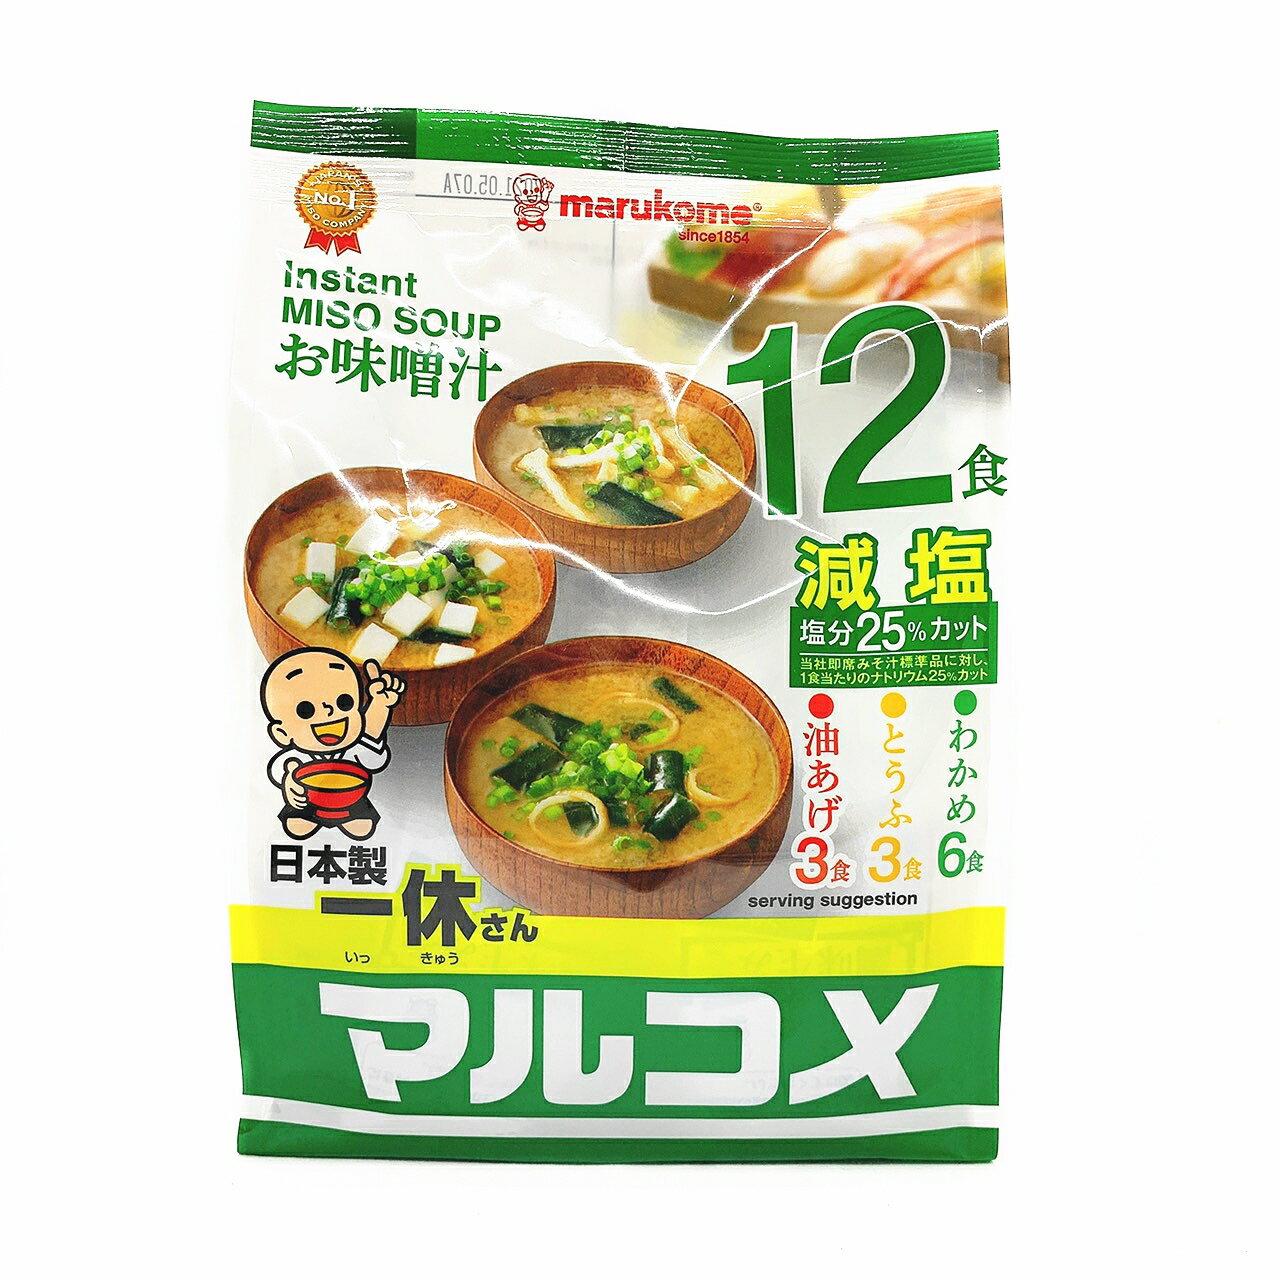 《花木馬》一休即食味噌湯 12入 沖泡味噌湯 味噌